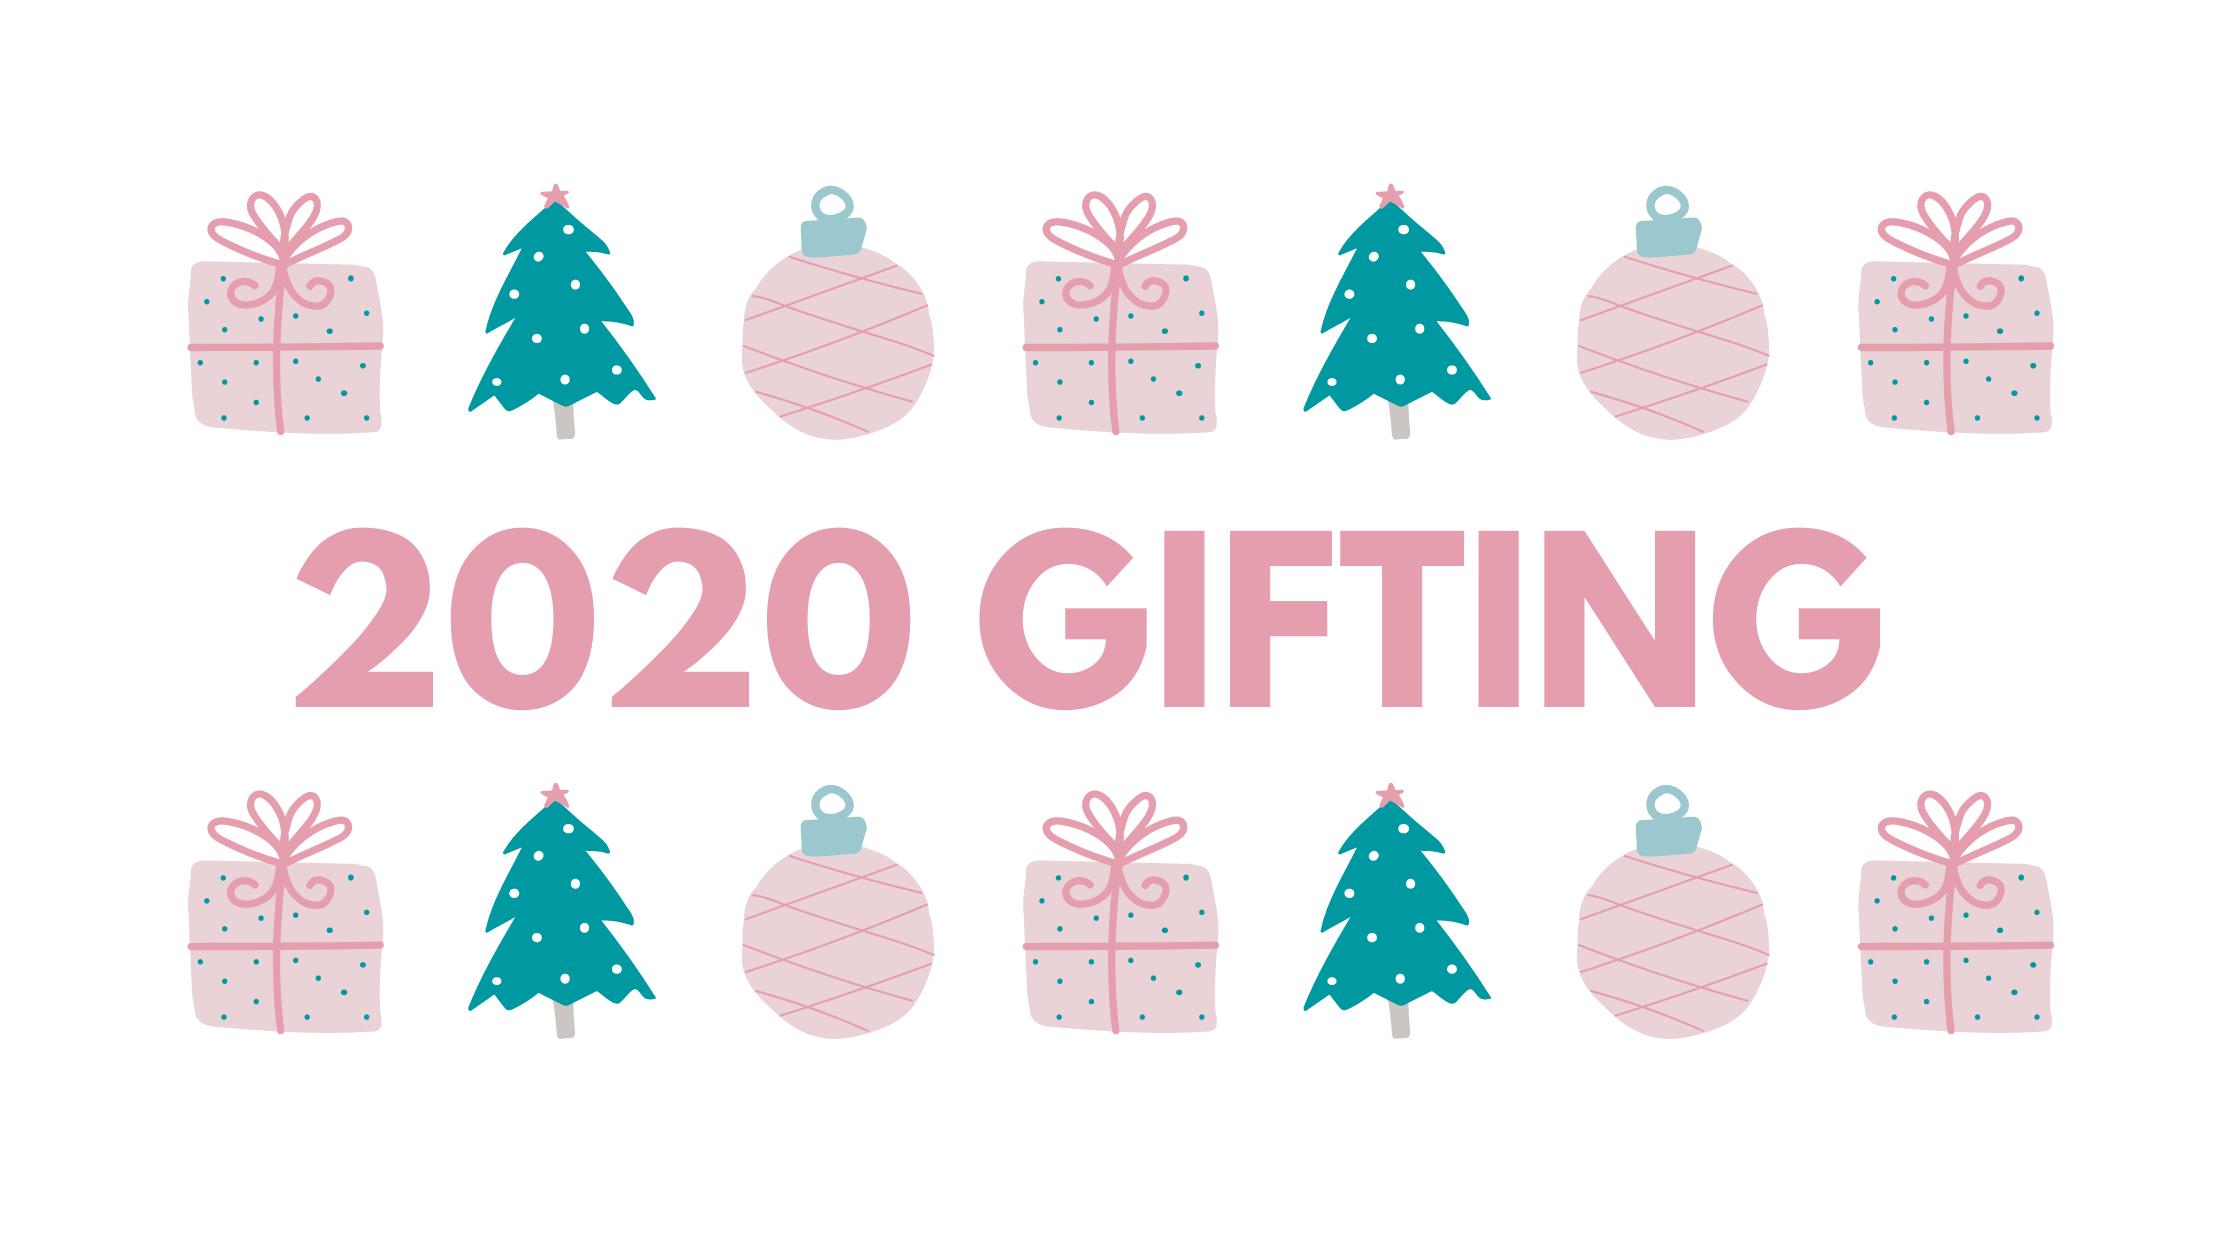 2020 Gifting at Rosebuds